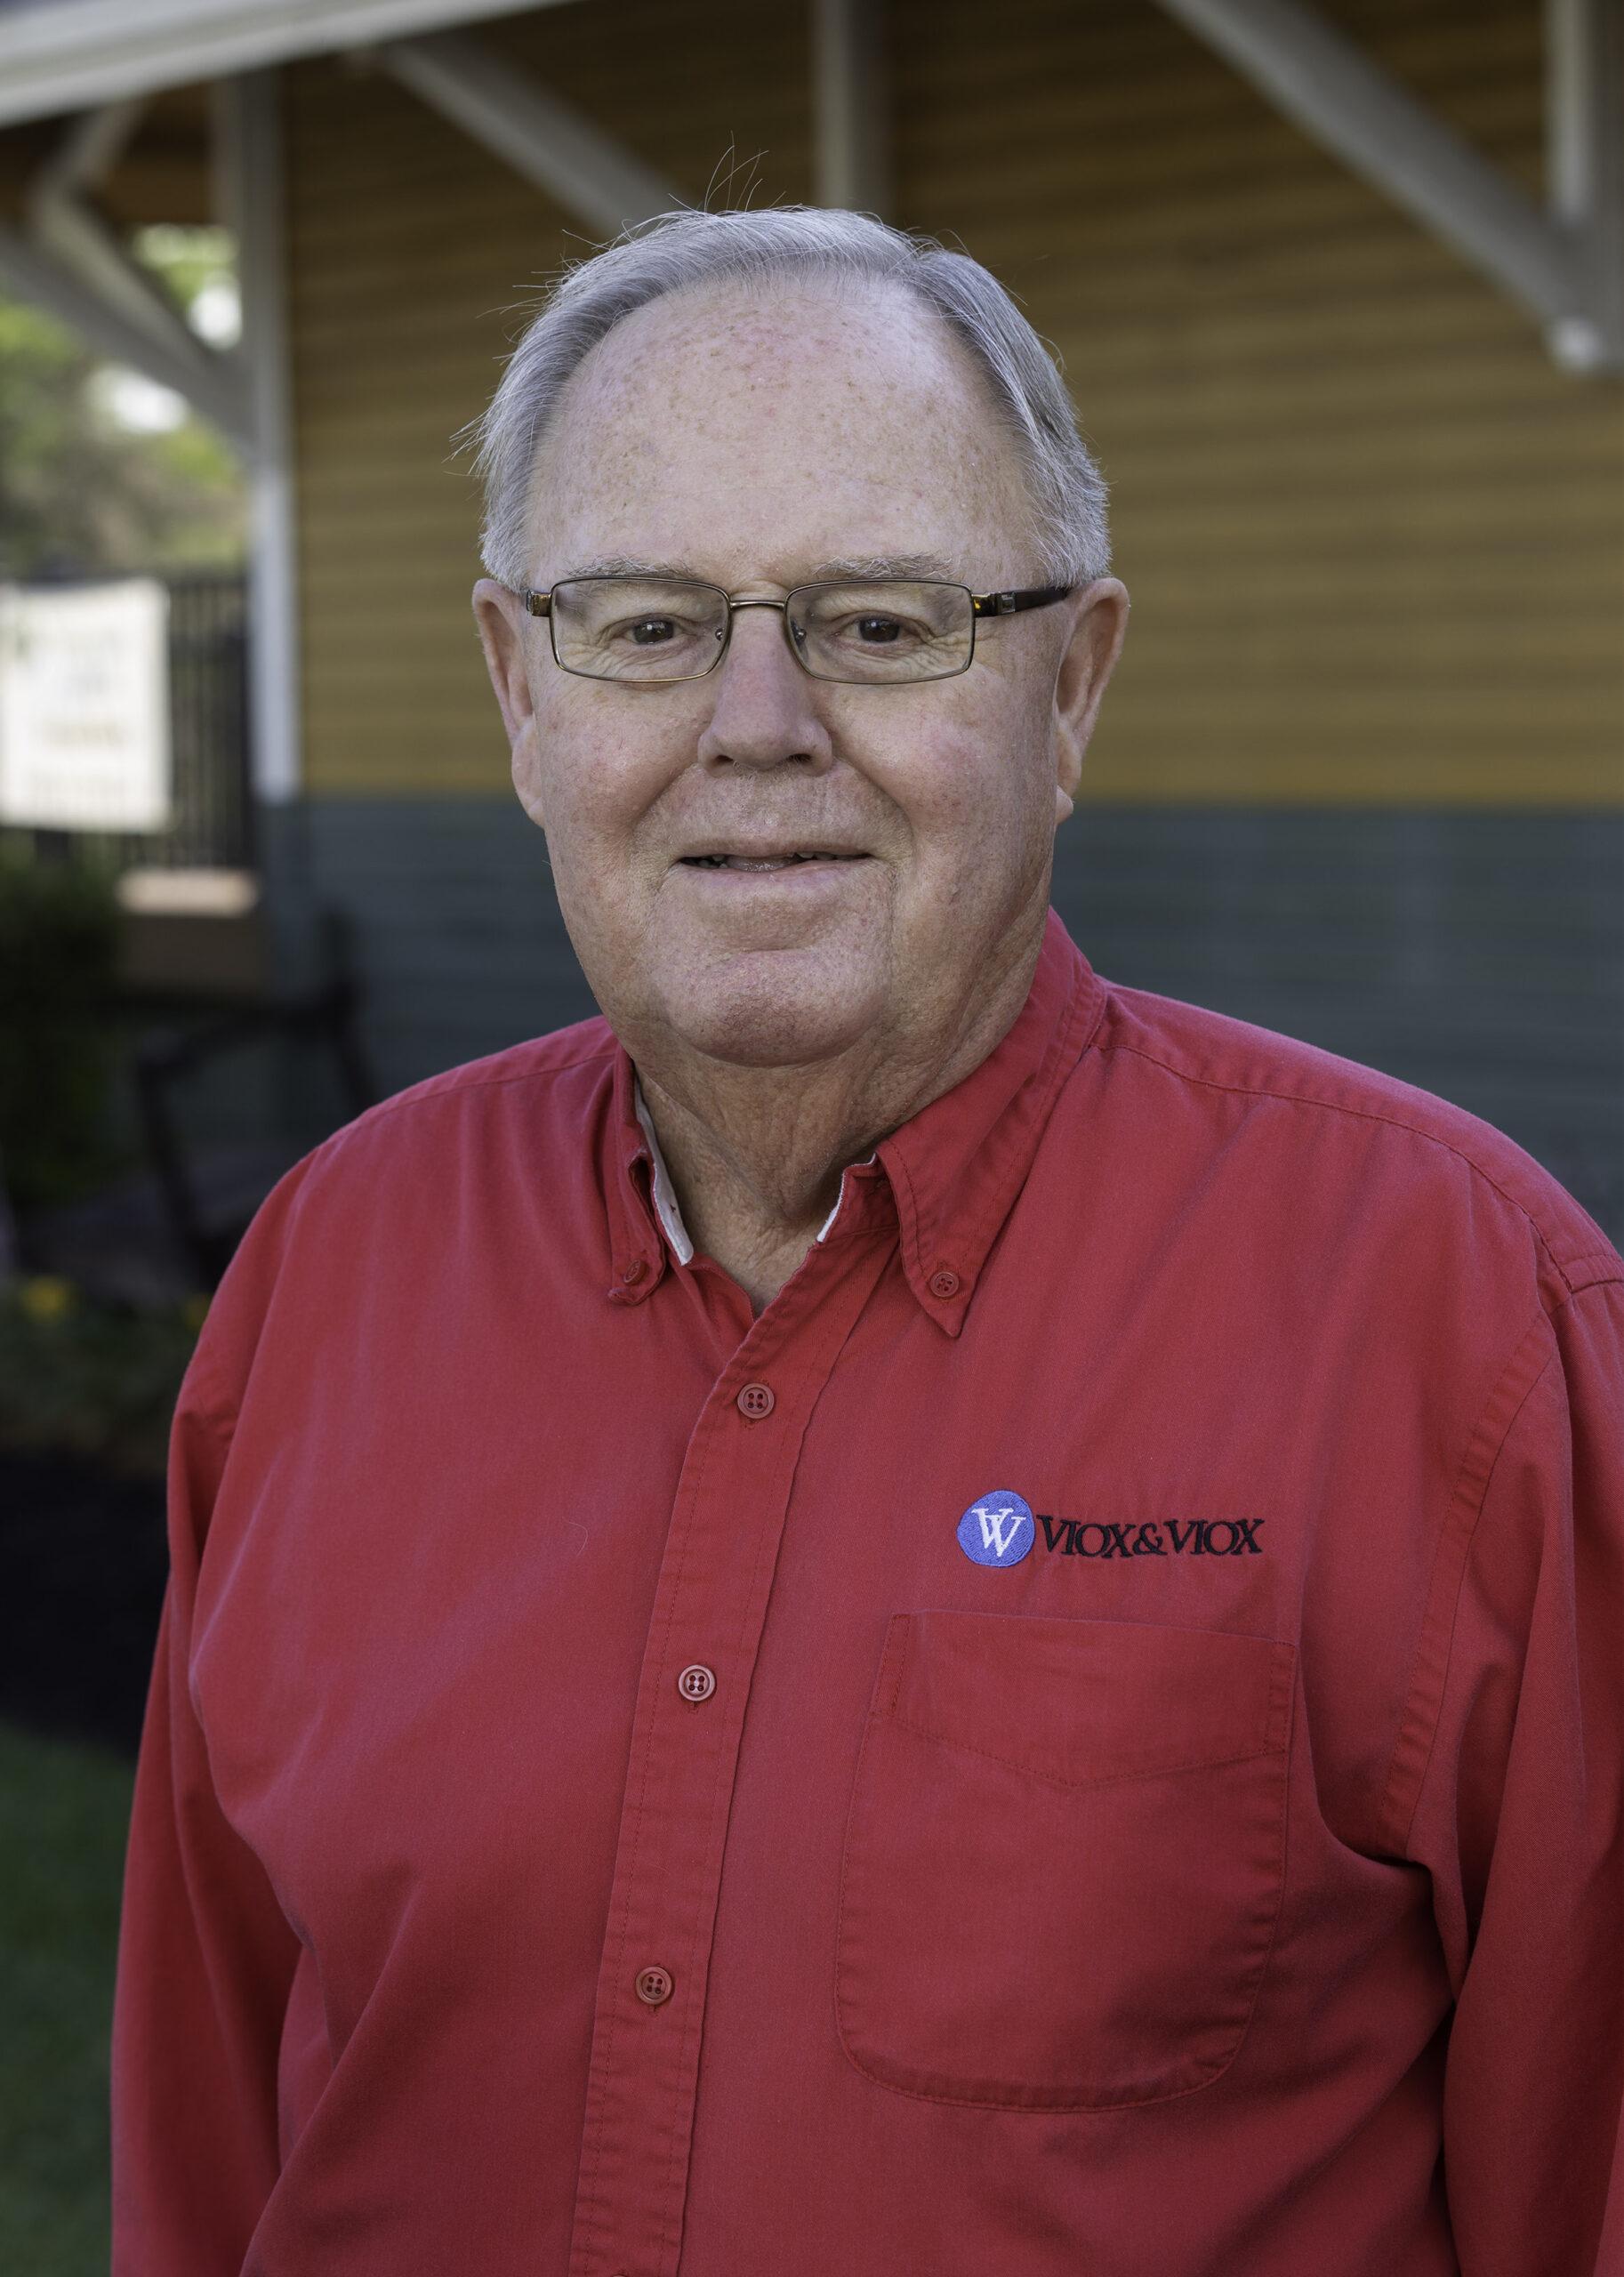 Jim Viox : Professional Civil Engineer, Principal & President